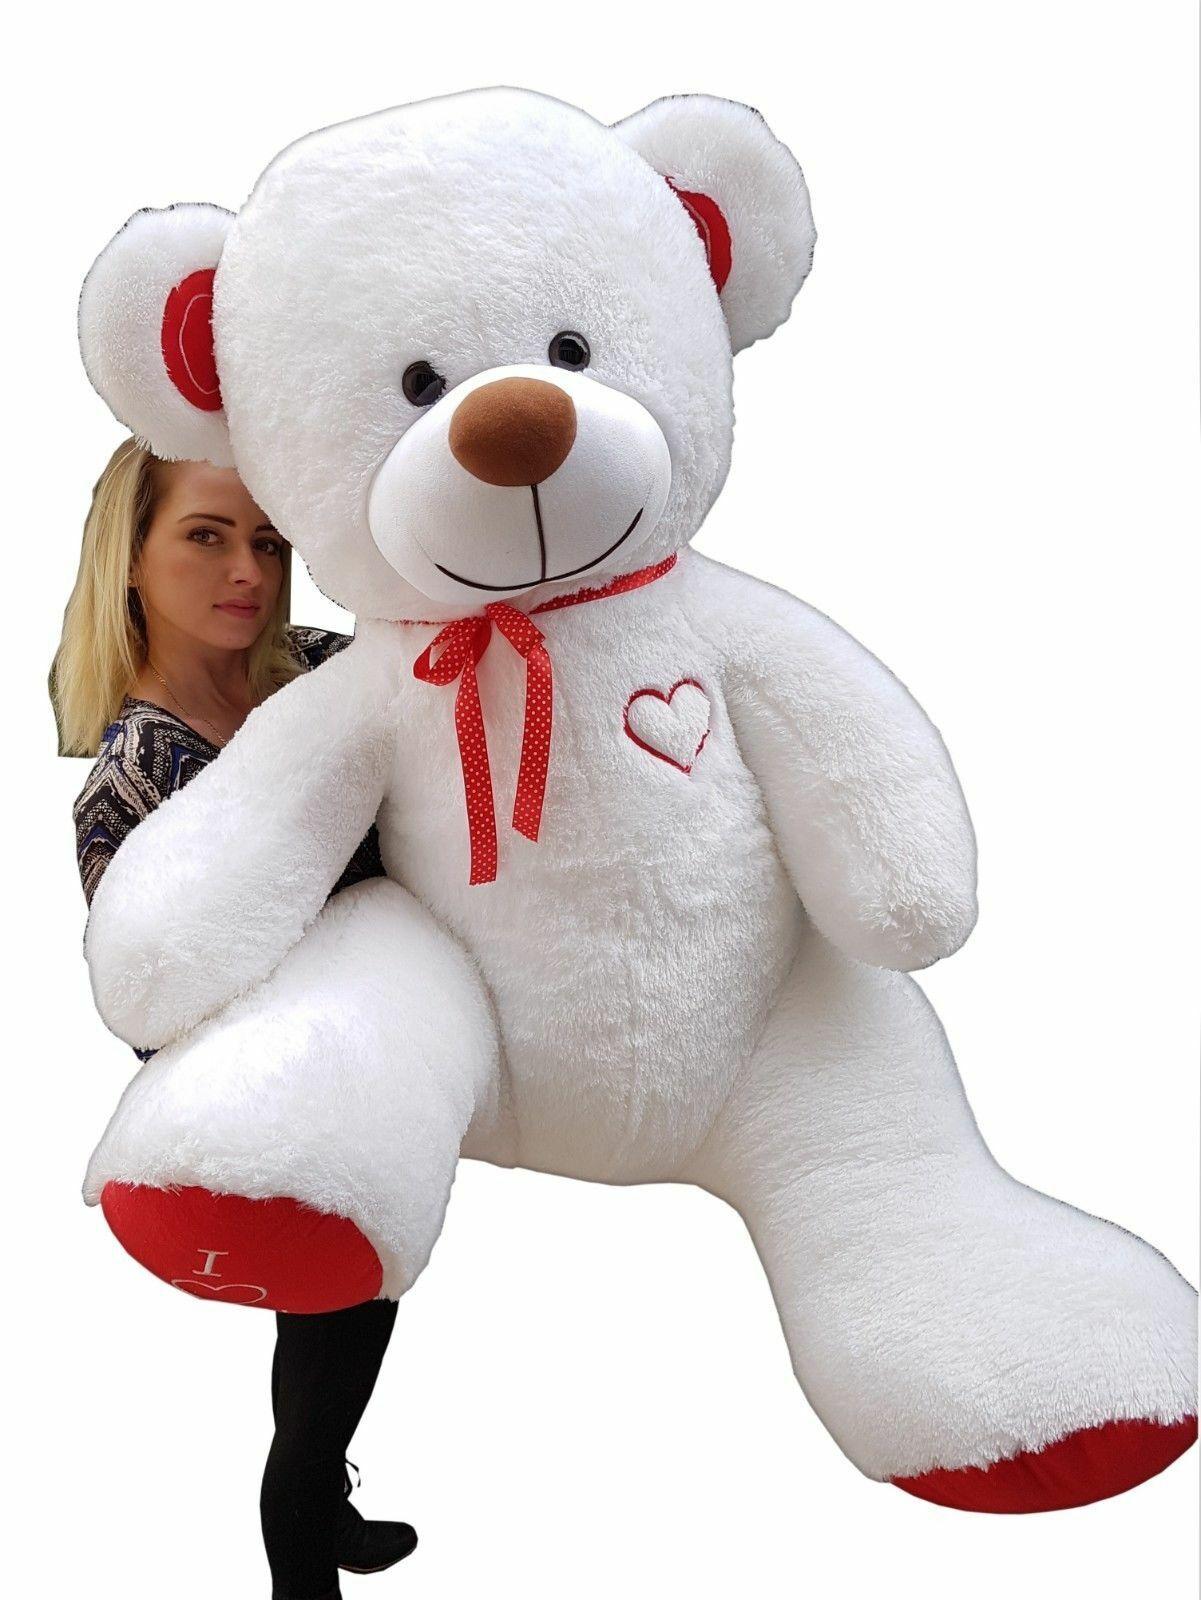 XXL Teddybär Plüsch Kuschel Stoff Tier Riesen Teddy Bär Valentinstag Geschenk XL Weiß - Rot